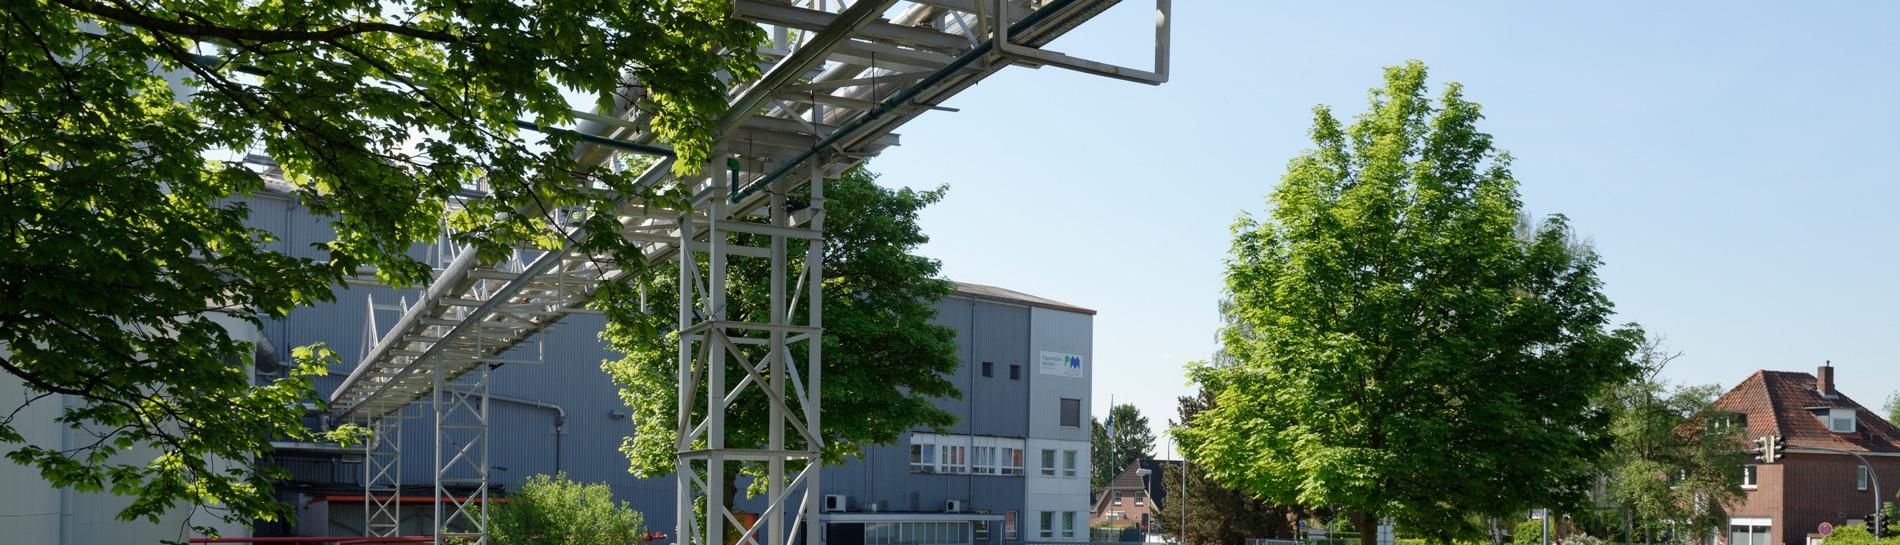 Willkommen bei der Papierfabrik Meldorf